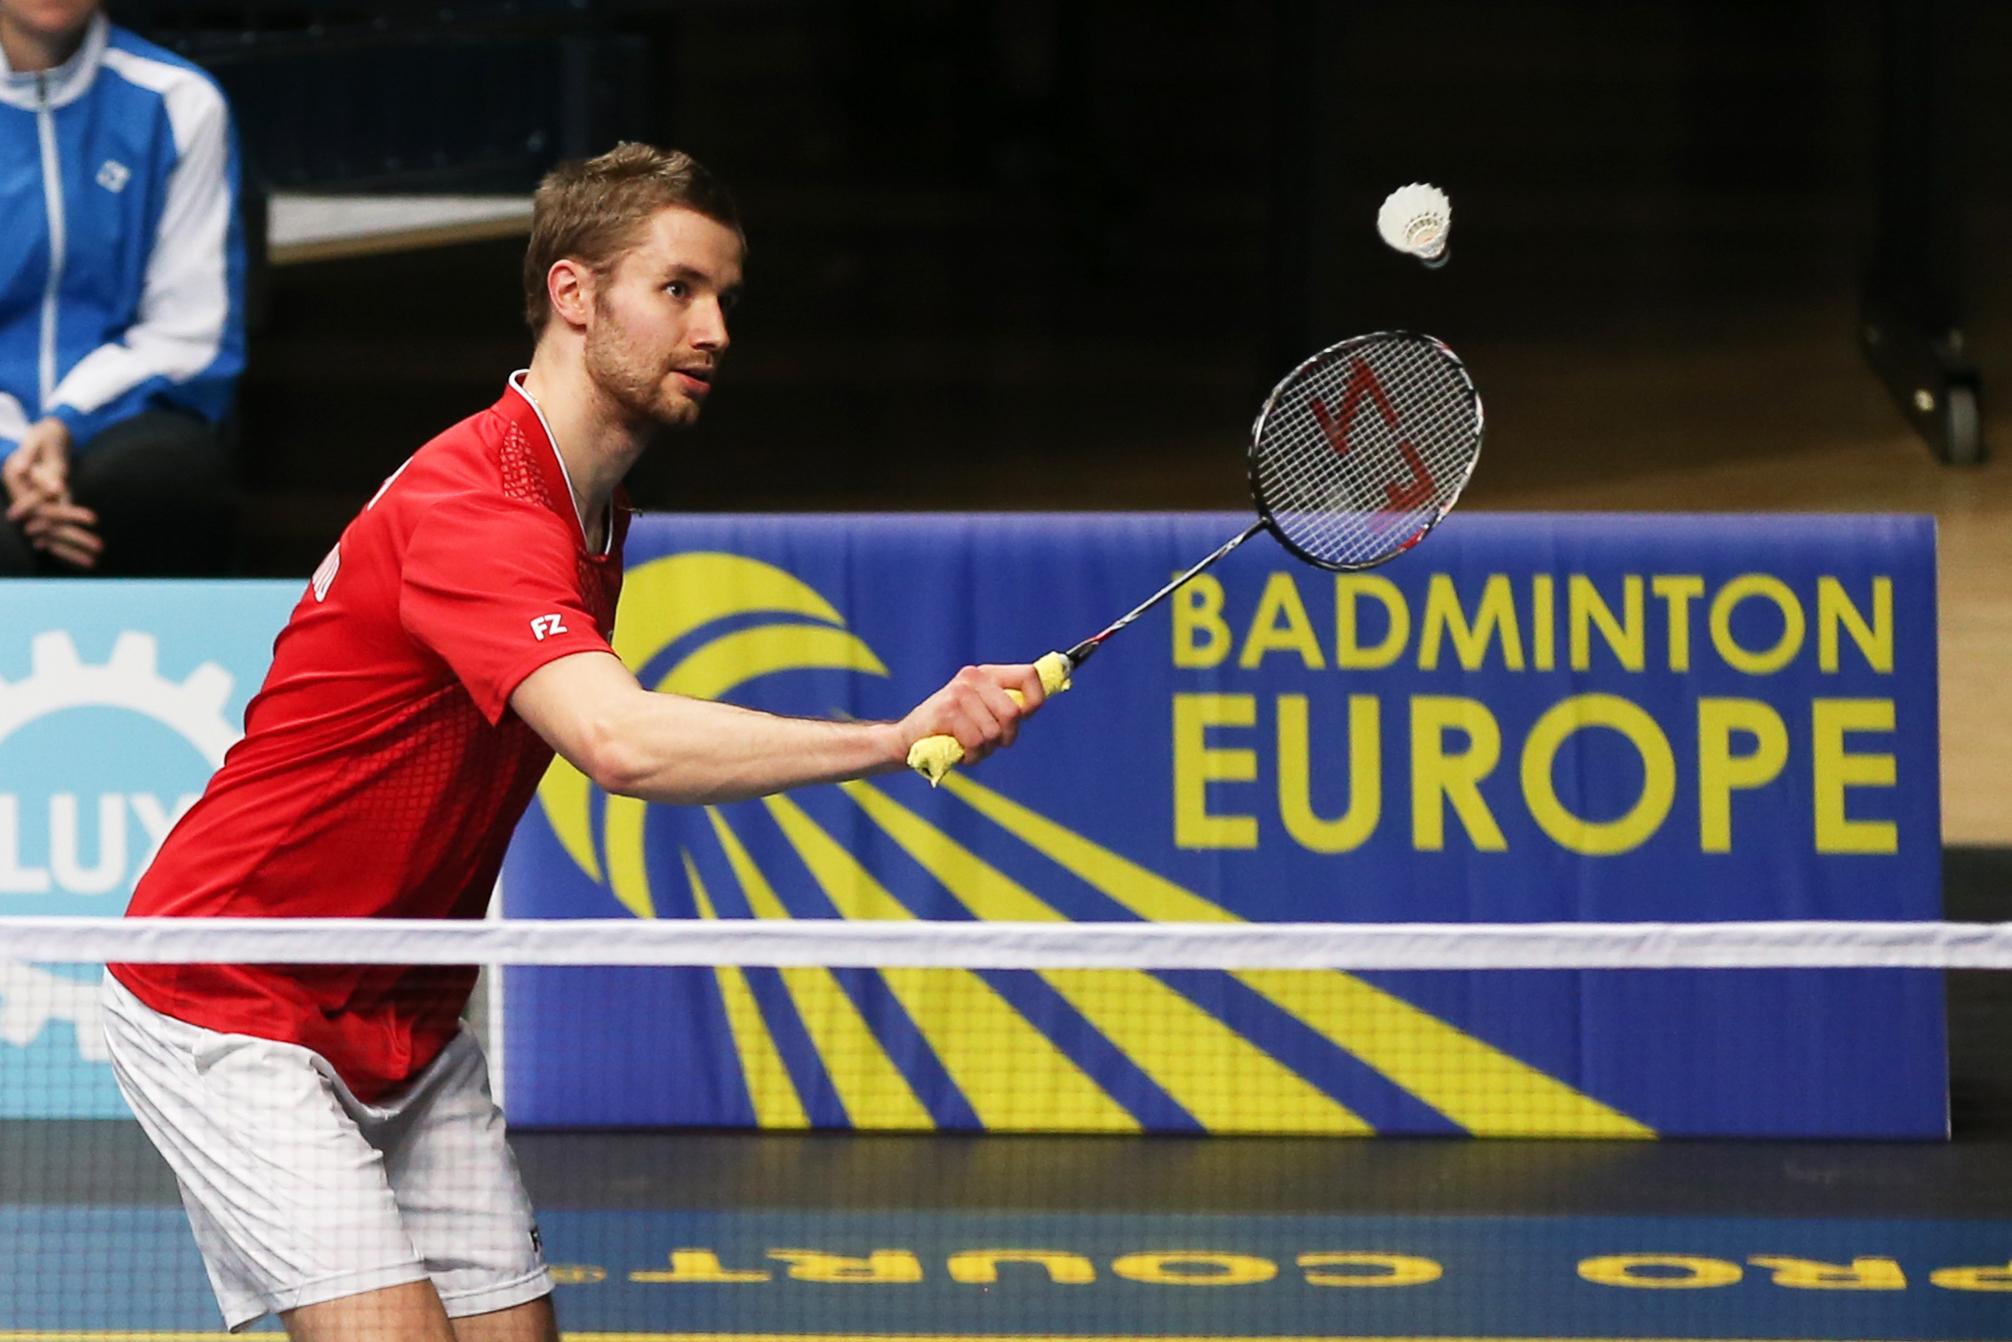 BadmintonEurope.com - Circuit Badmintoneurope